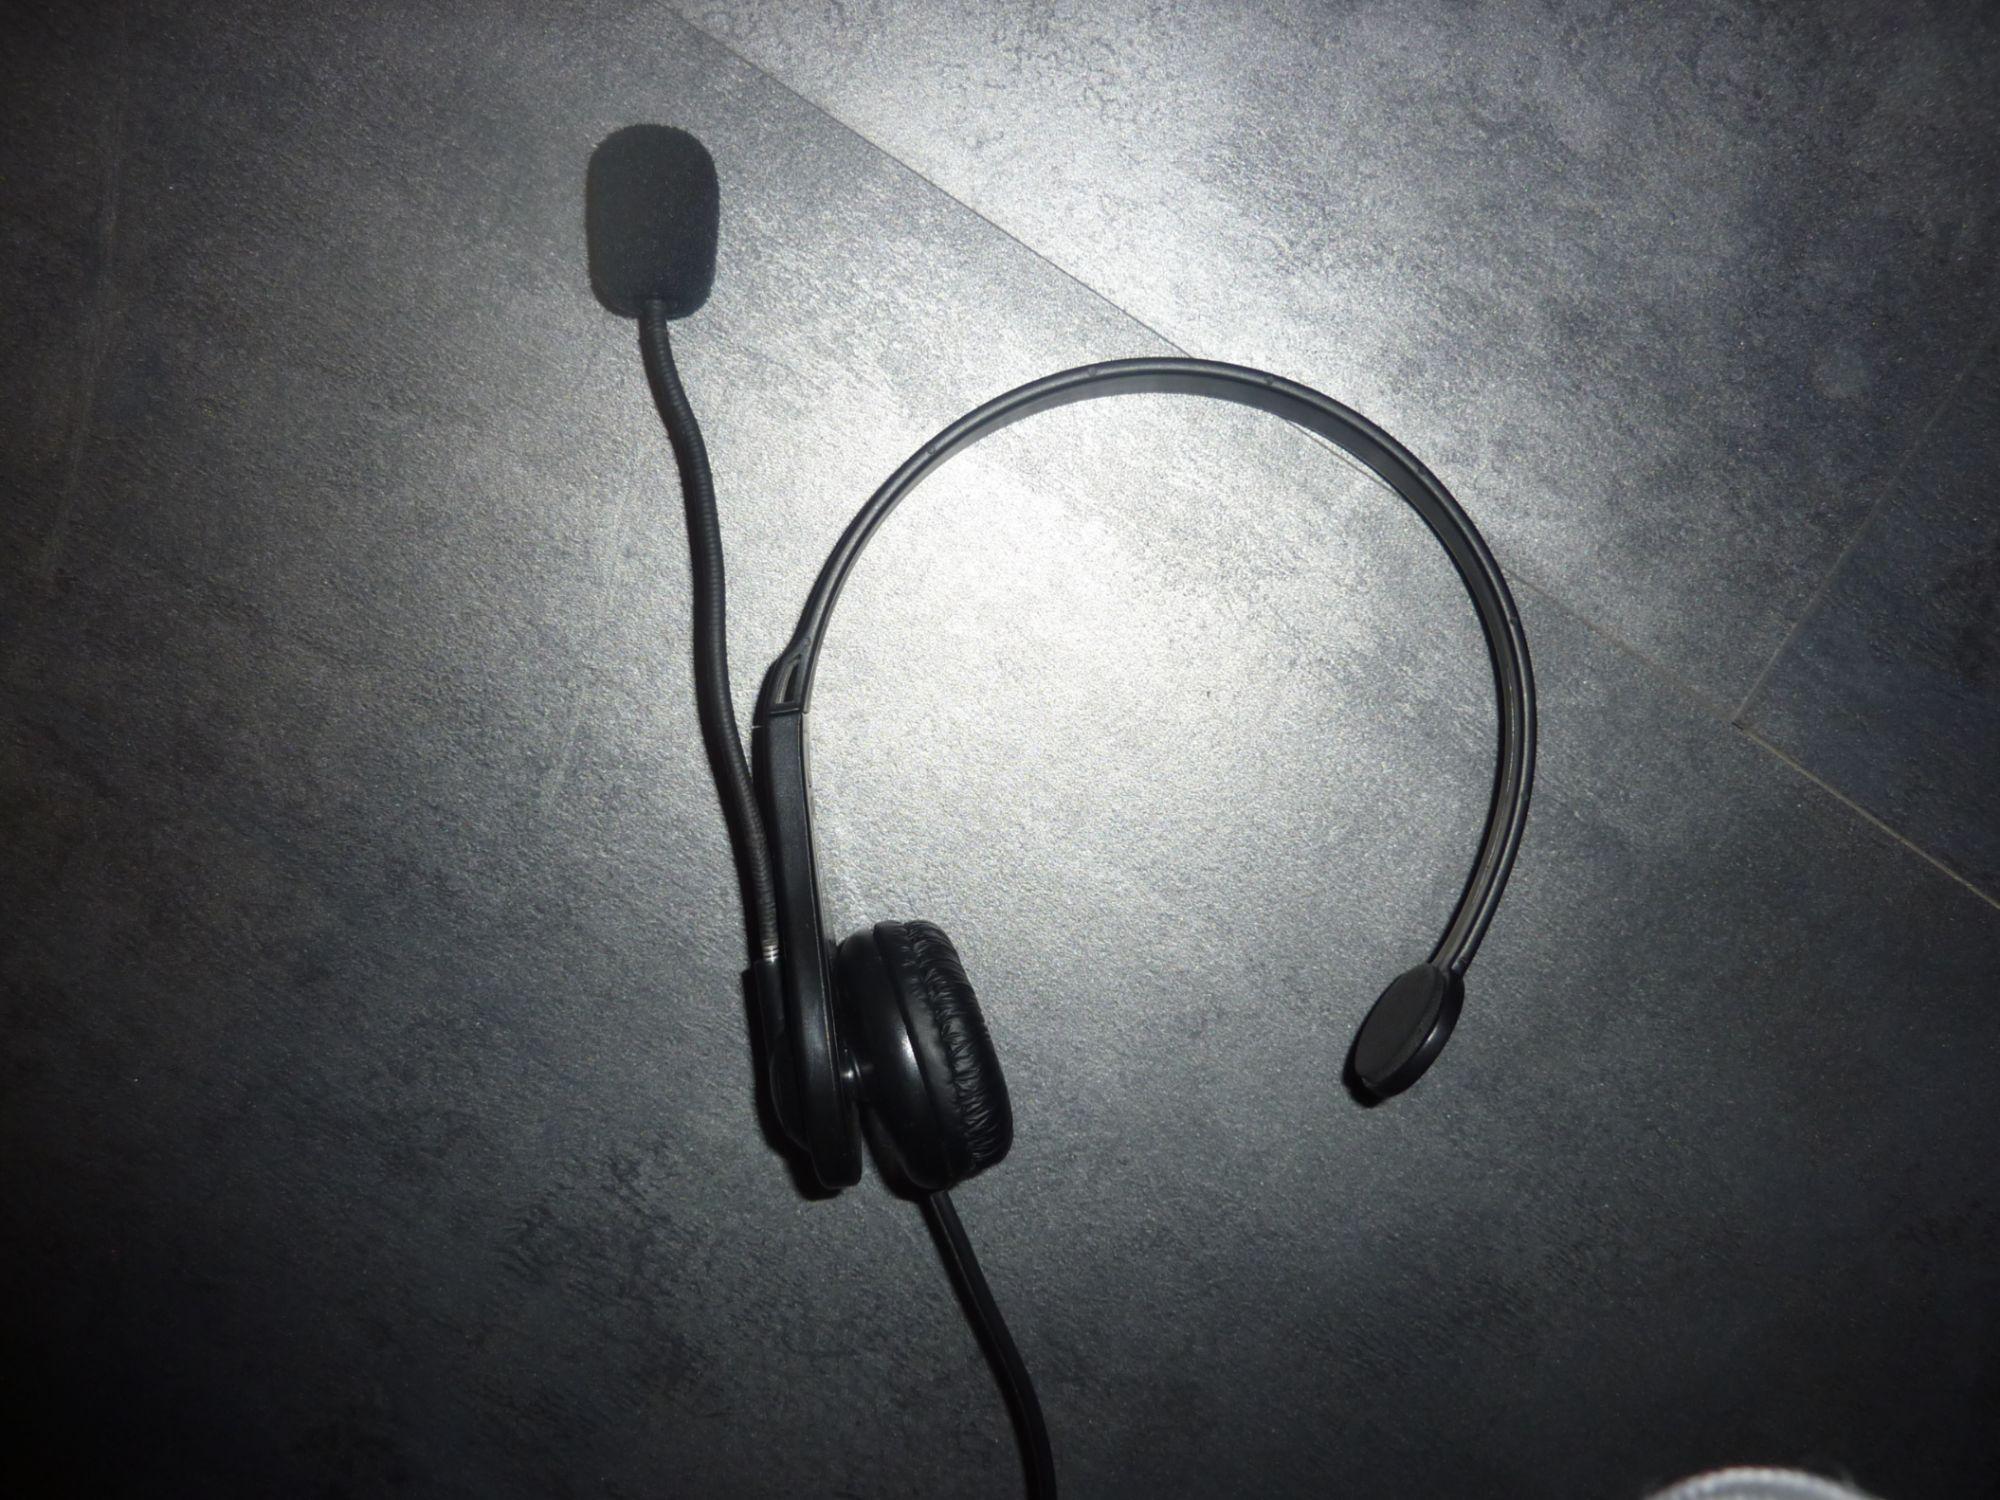 troc de troc casque ps3 chat headset image 1